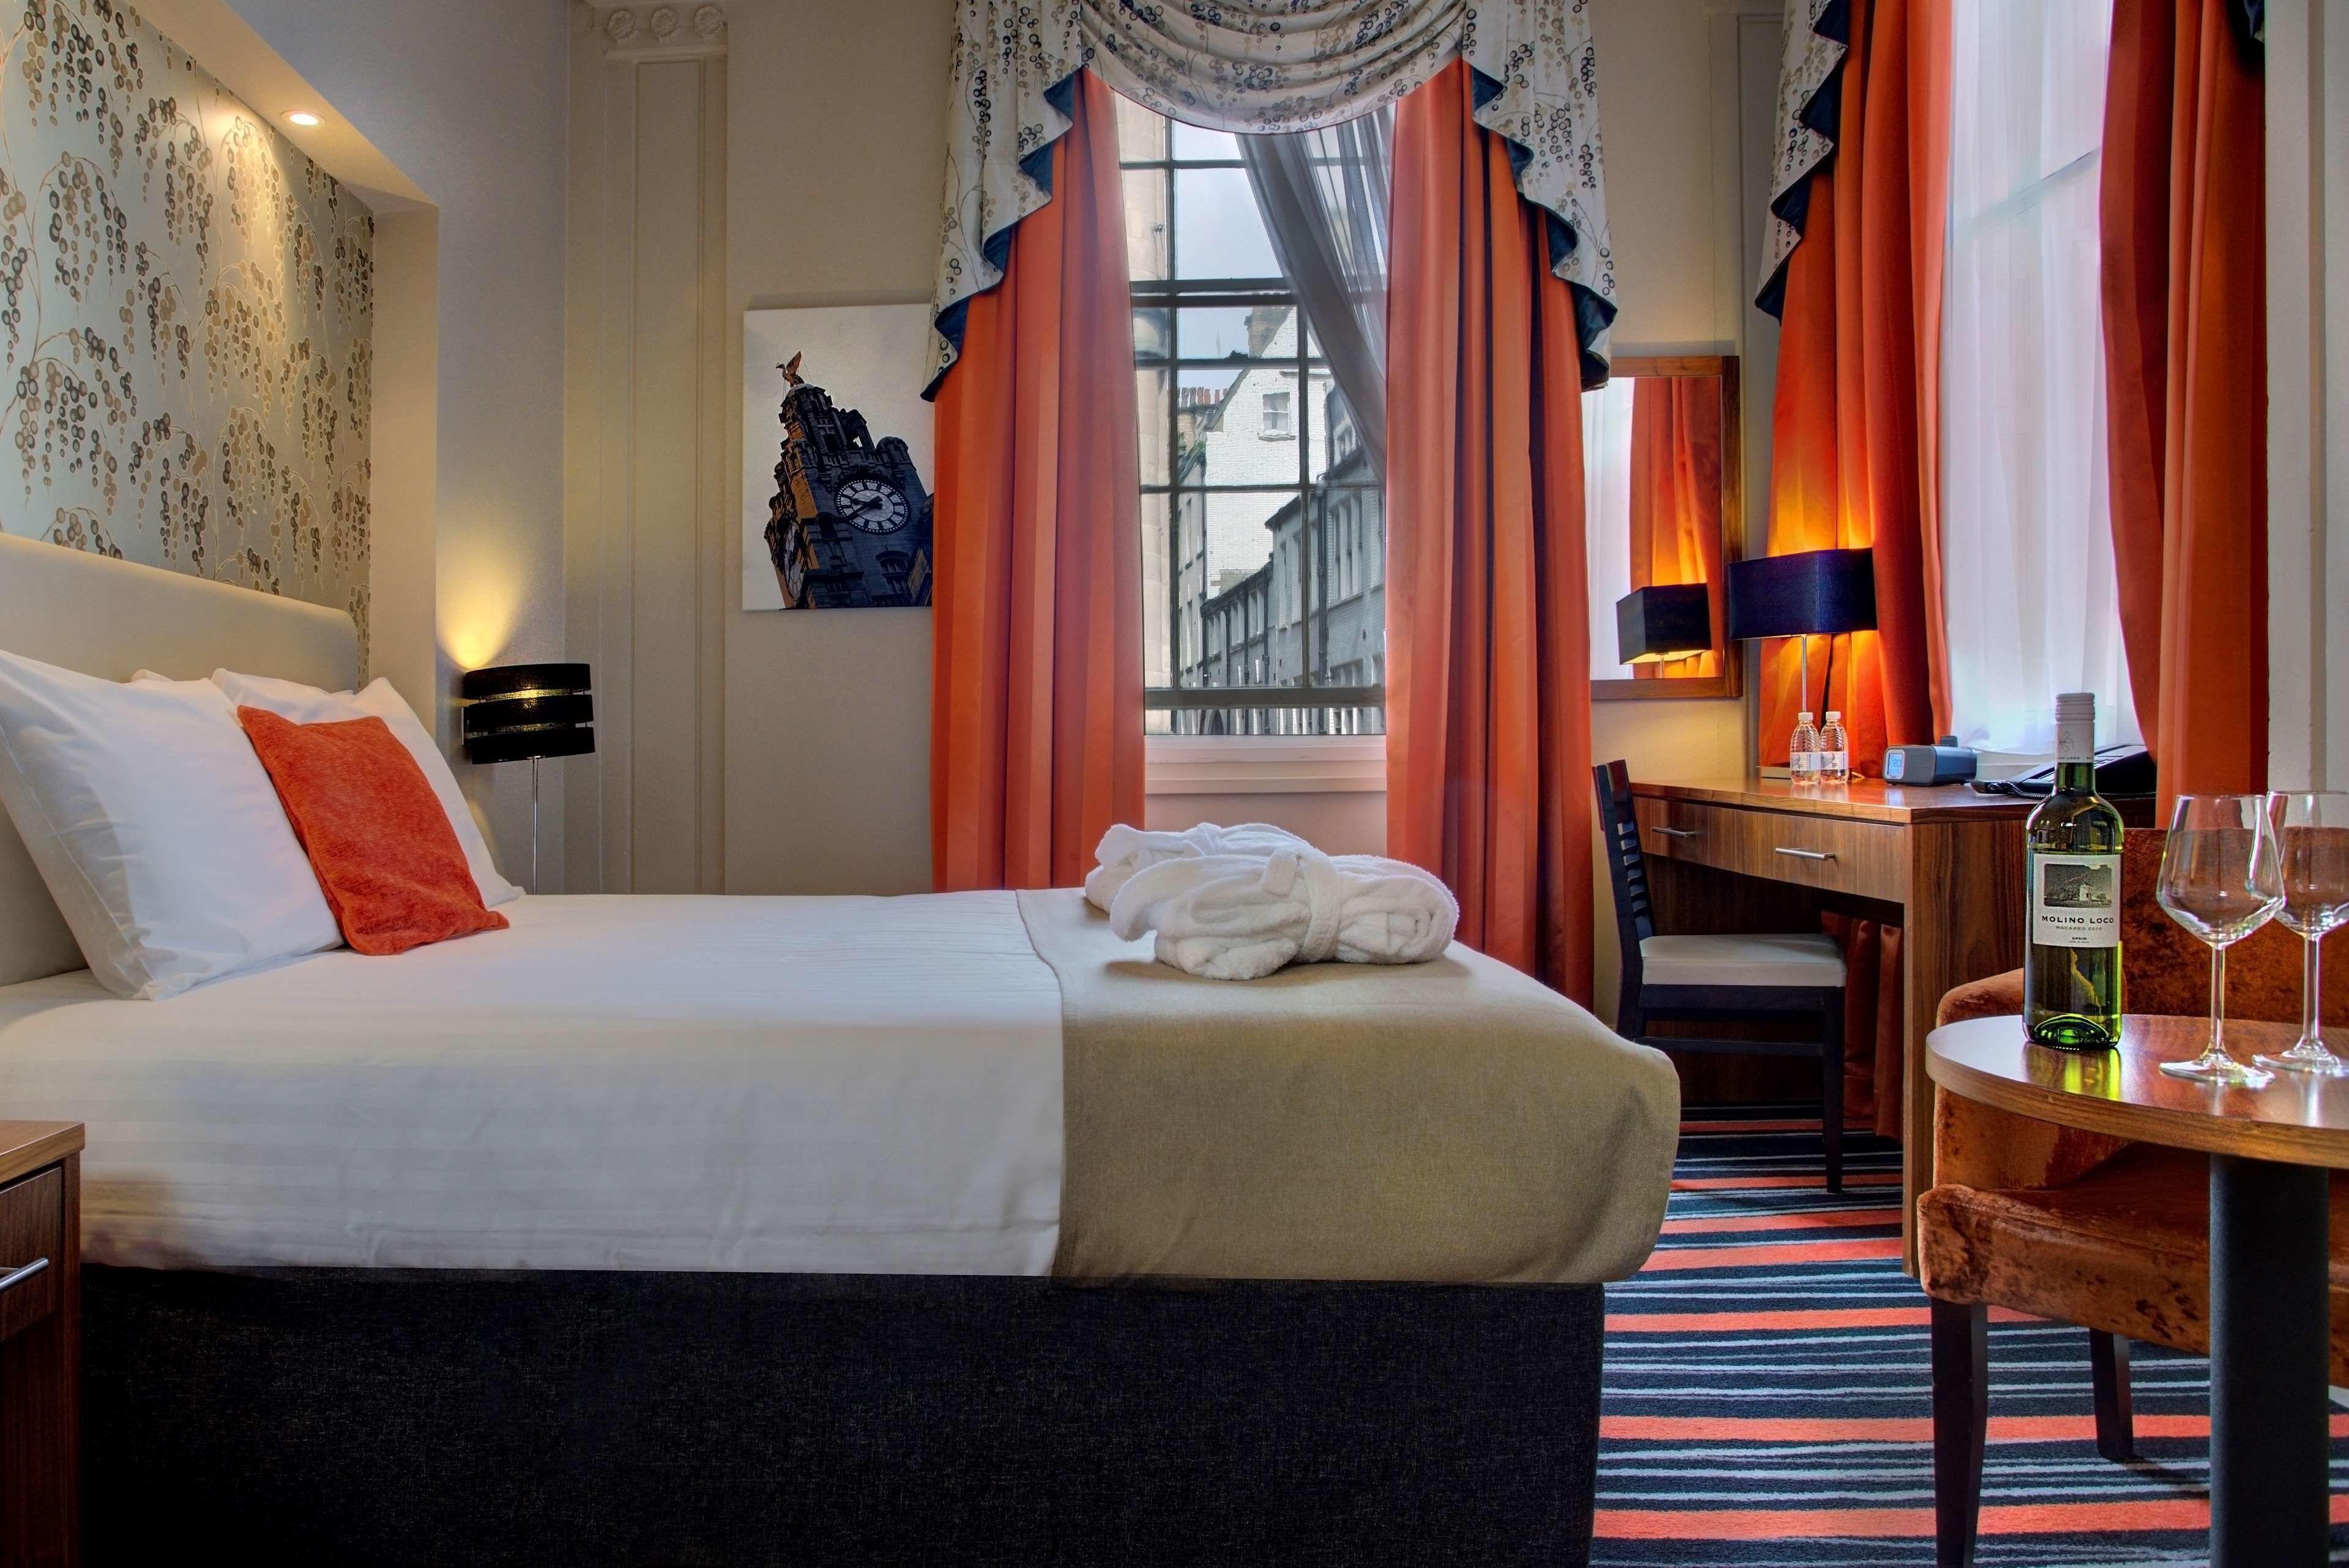 Courtesy of Heywood House Hotel / Expedia